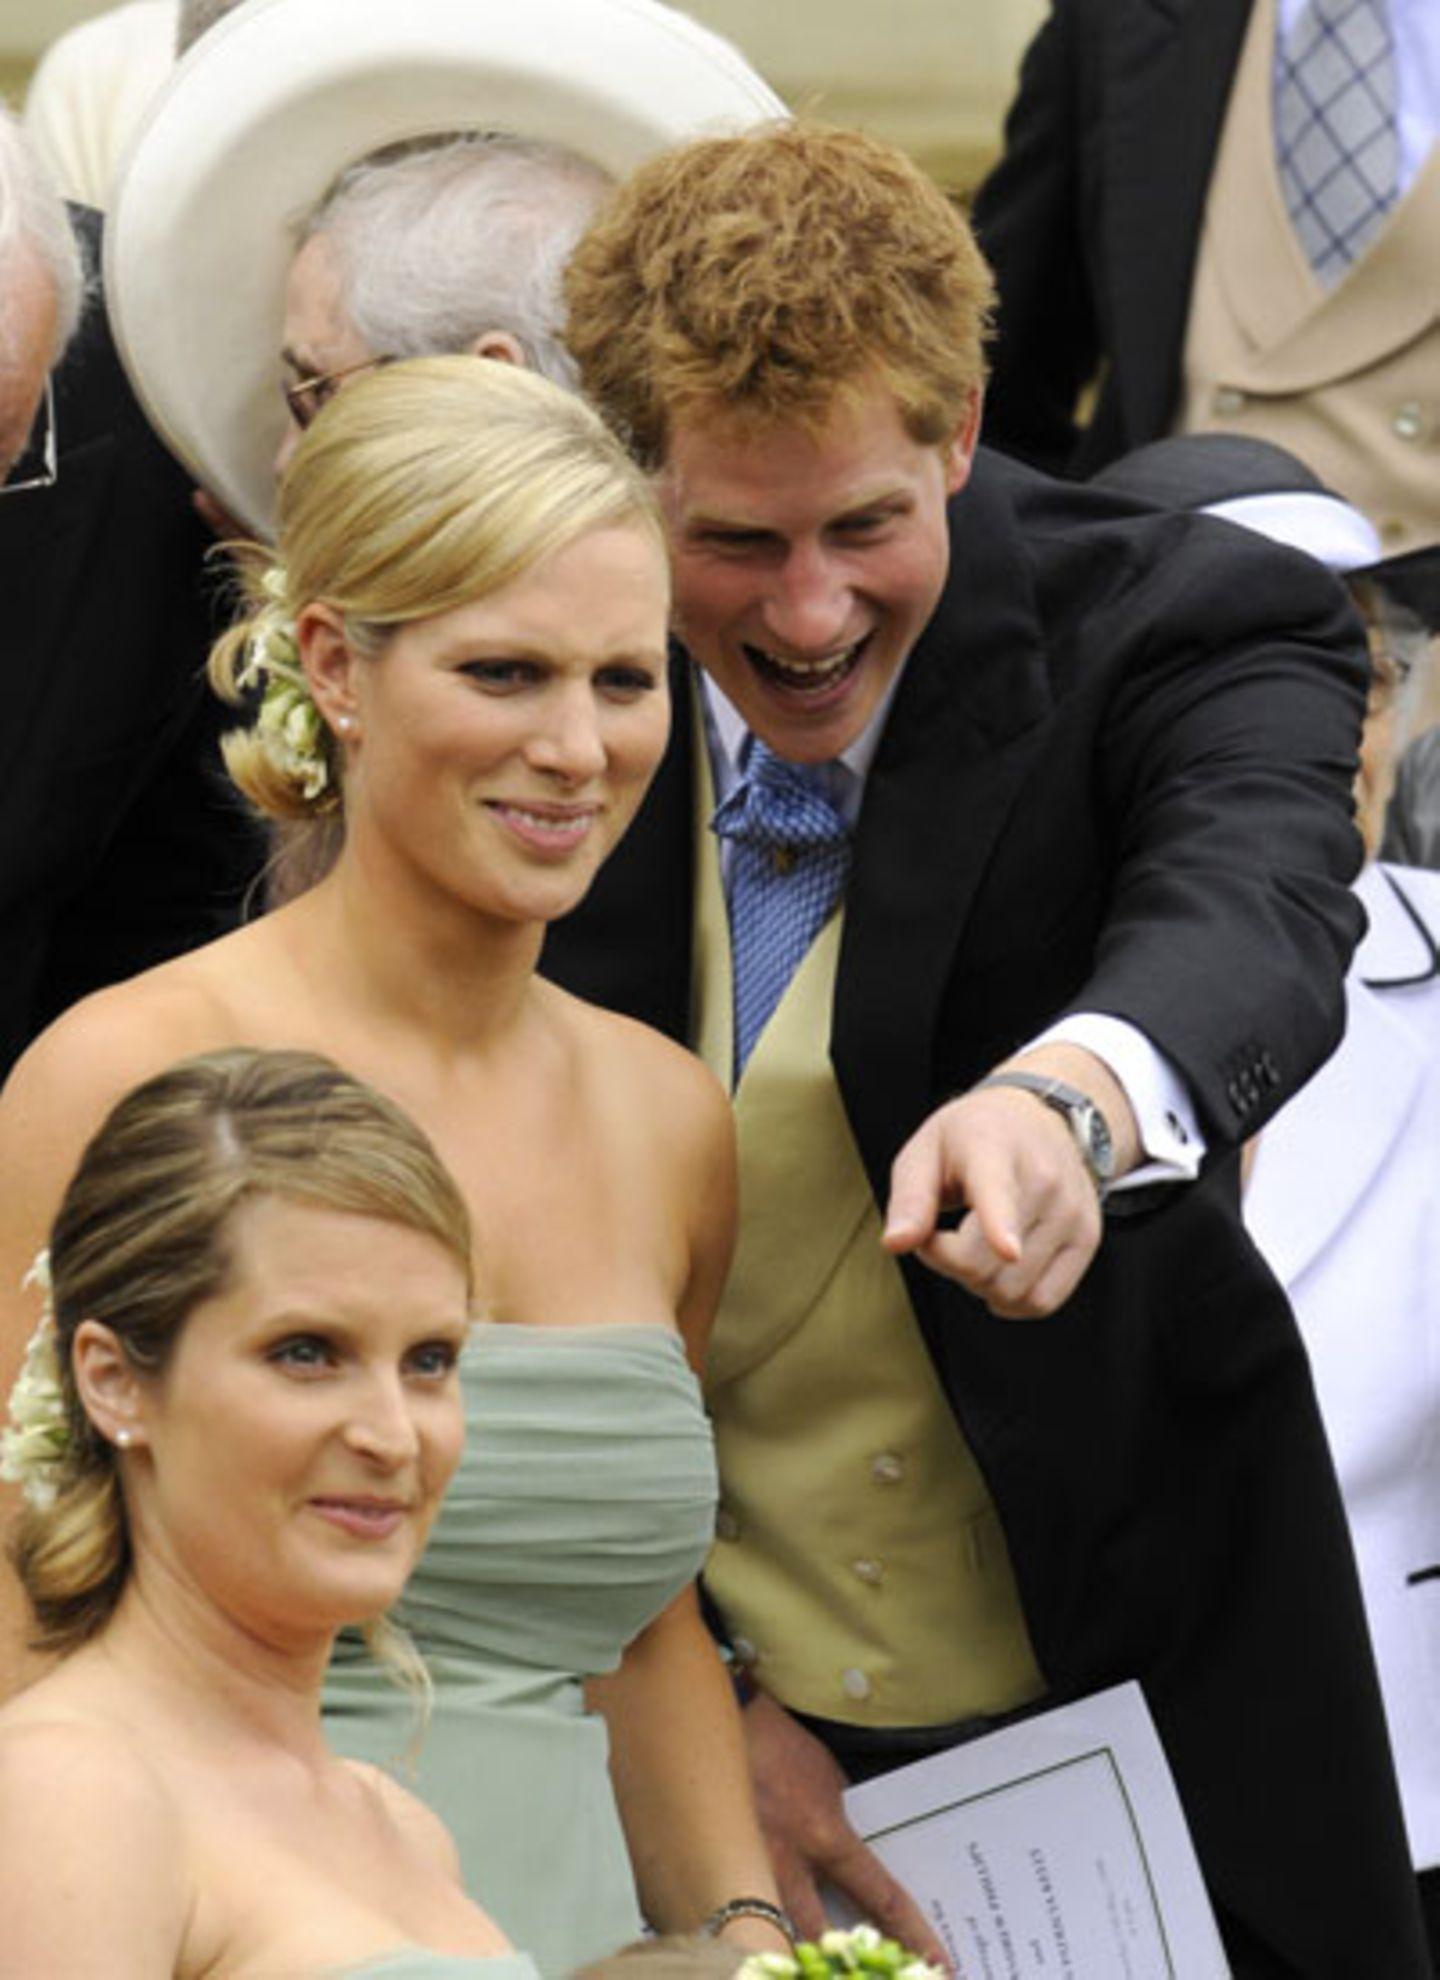 17. Mai 2008: Zur Hochzeit ihres Bruder Peter mit seiner Freundin Autumn ist Zara Phillips, selbstverständlich Brautjungfer, und